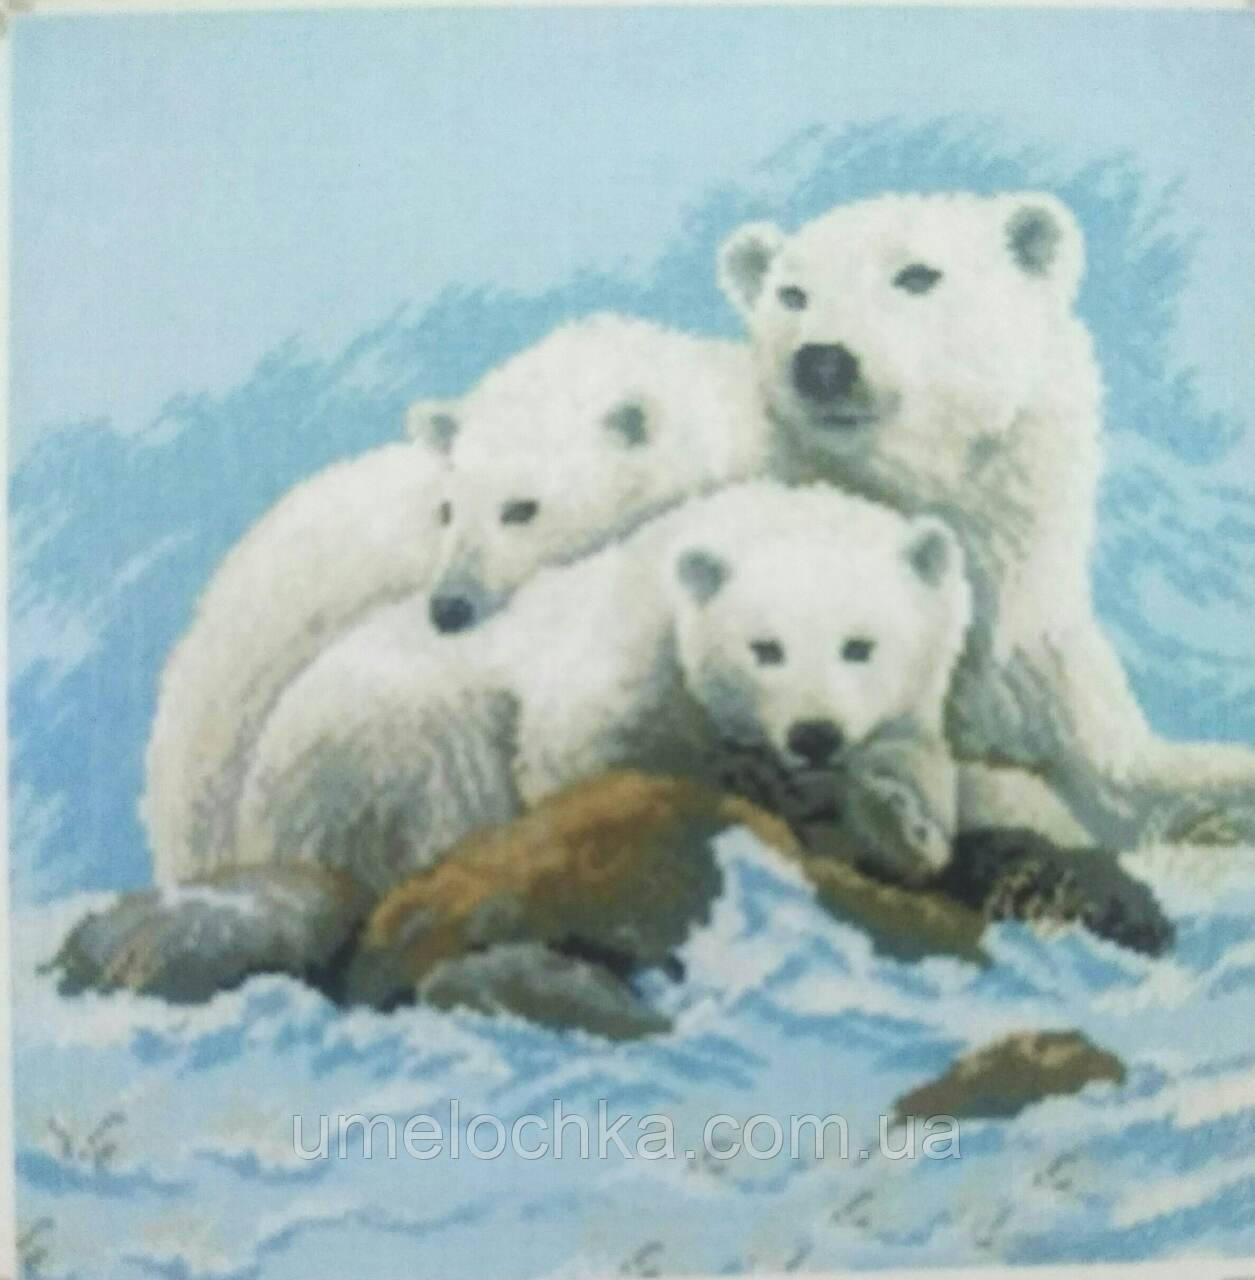 Набор для творчества со стразами Белые медведи Артикул: 198629 Размер: 25*25 см